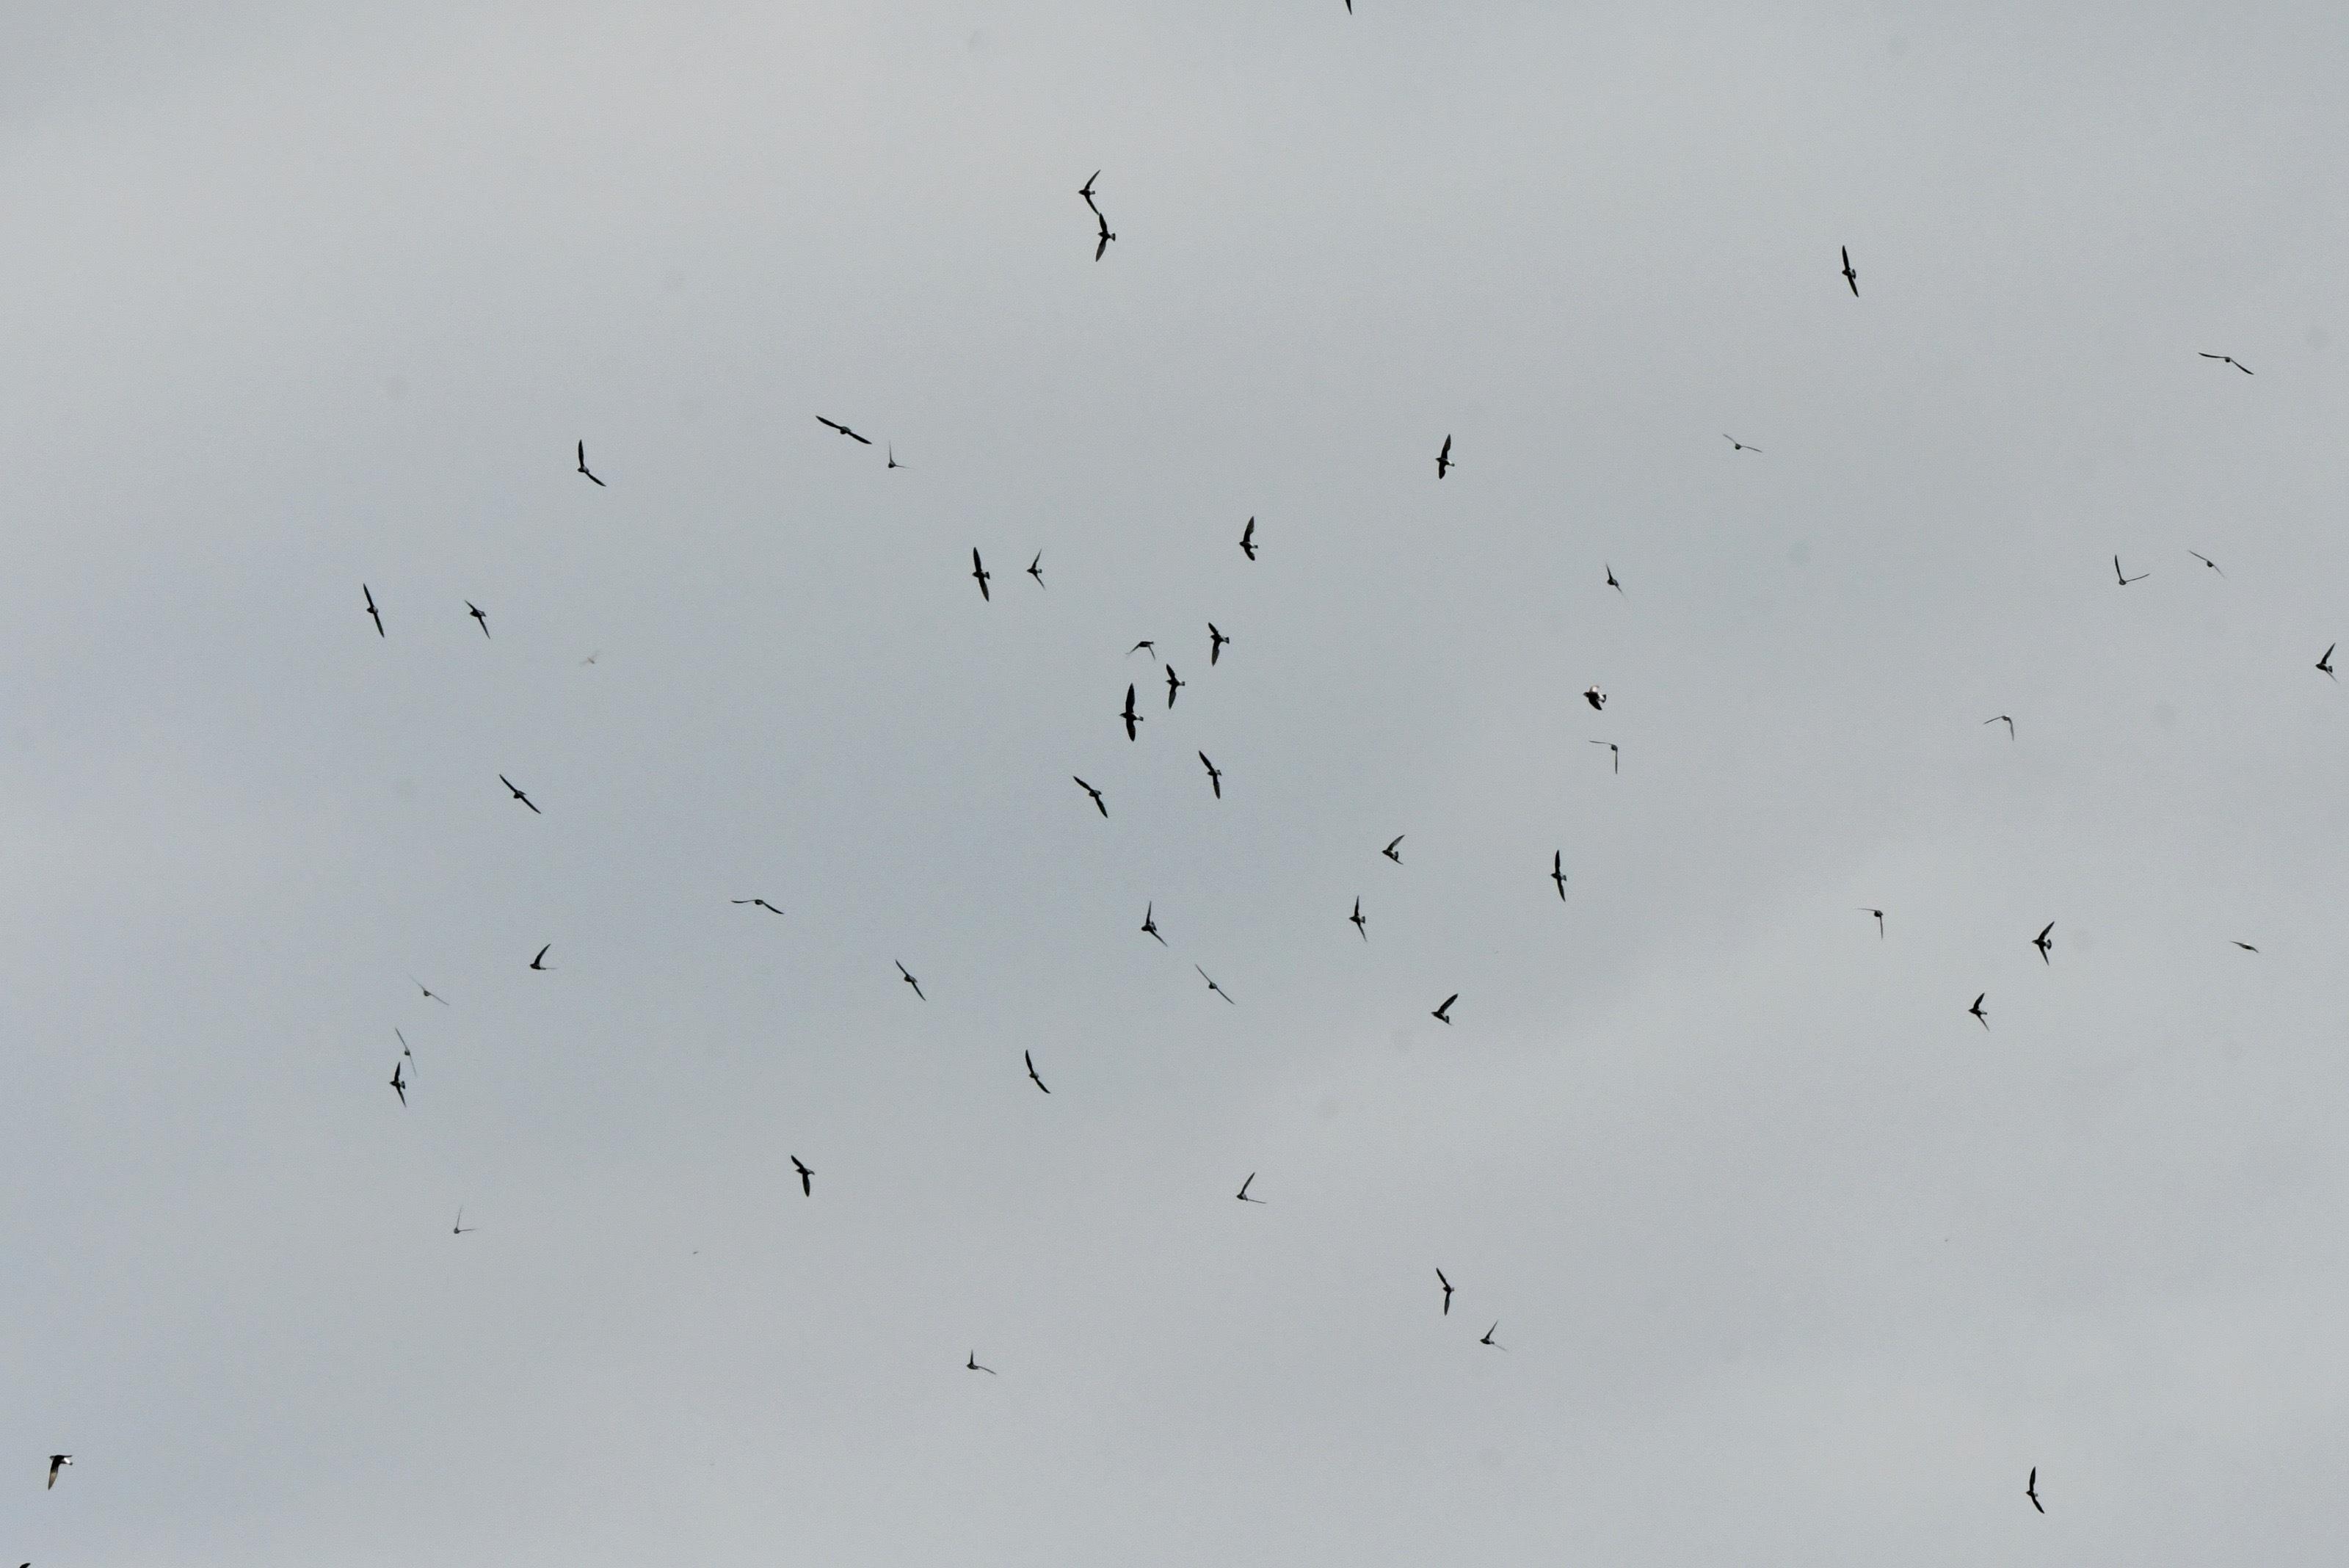 ハリオアマツバメの群れ 群舞